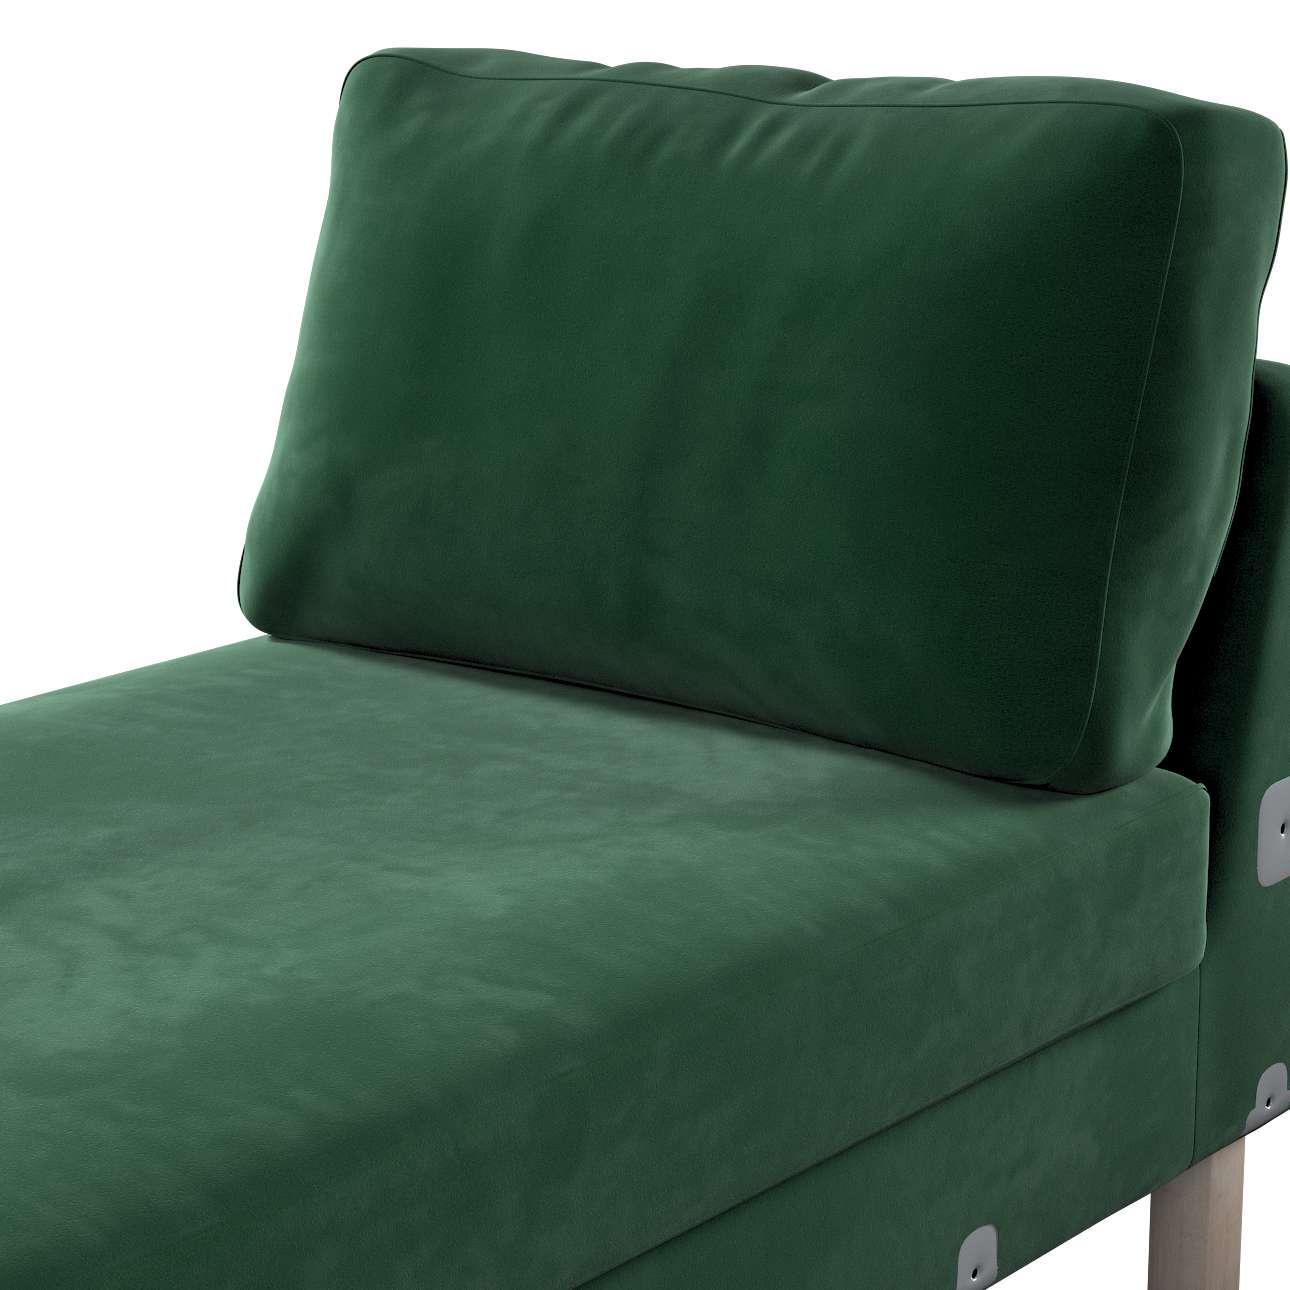 Pokrowiec na szezlong Karlstad dostawka, krótki w kolekcji Velvet, tkanina: 704-13